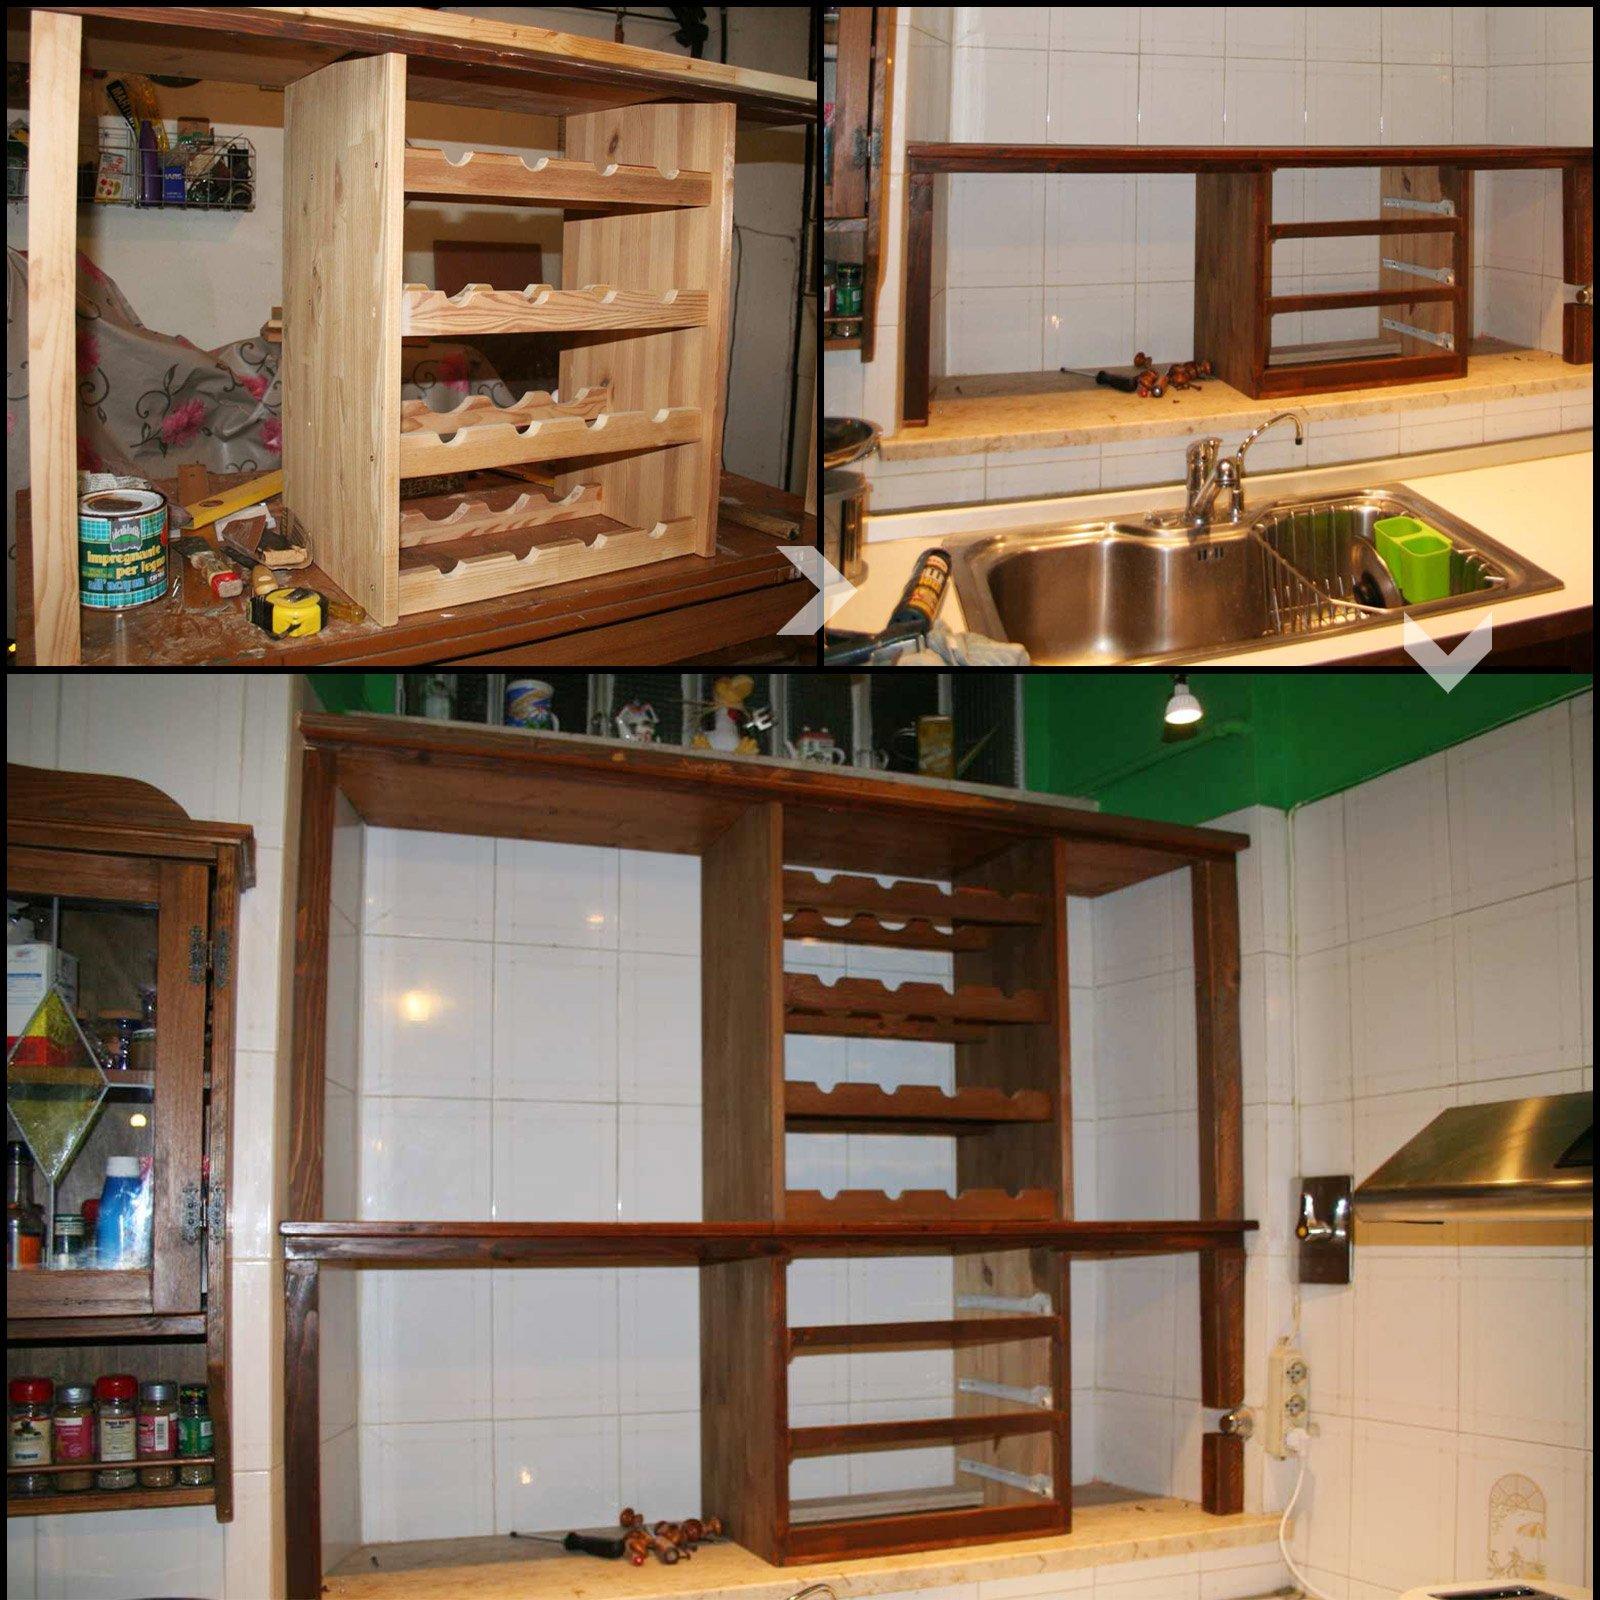 Il mobile cucina che sfrutta la nicchia cose di casa for Arredare casa idee fai da te